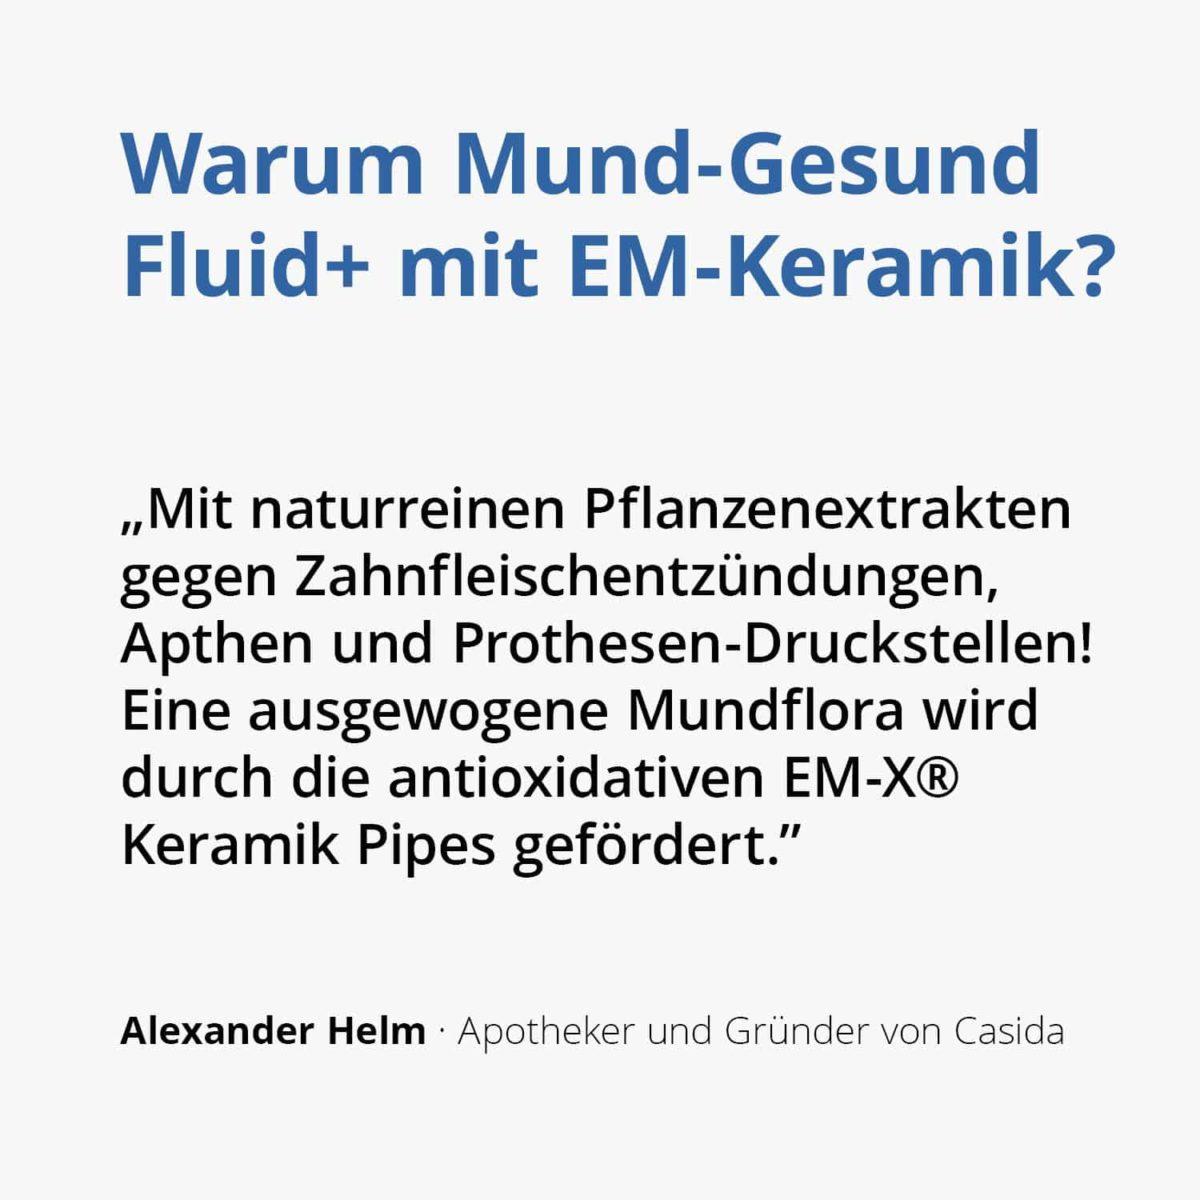 Casida Mund-Gesund Fluid+ mit EM-Keramik 10 ml 10527688 PZN Apotheke Zahnfleischbluten Aphten Schwangerschaft2